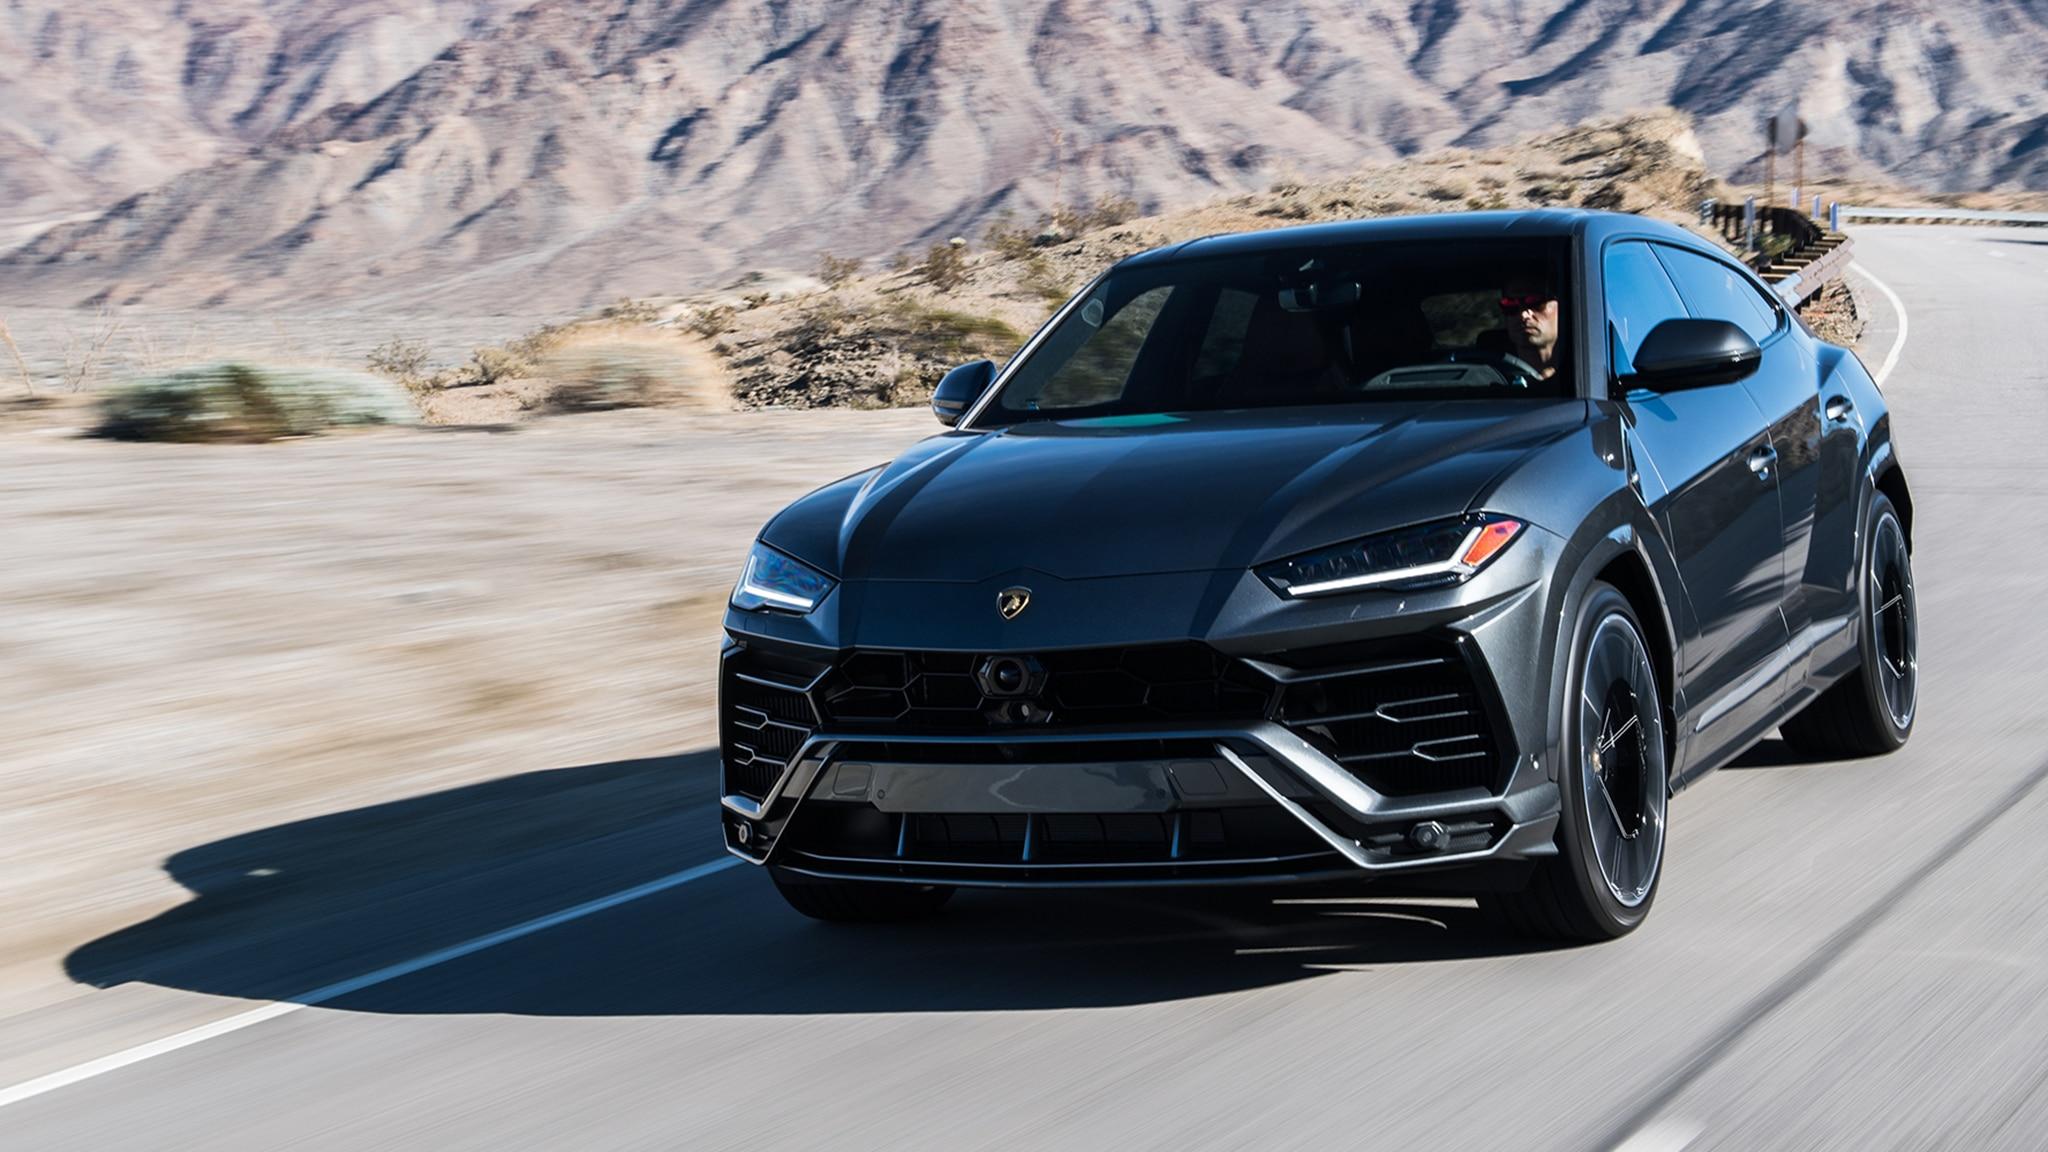 """Lambo's U S  CEO on the Urus SUV as a """"Real Lamborghini"""